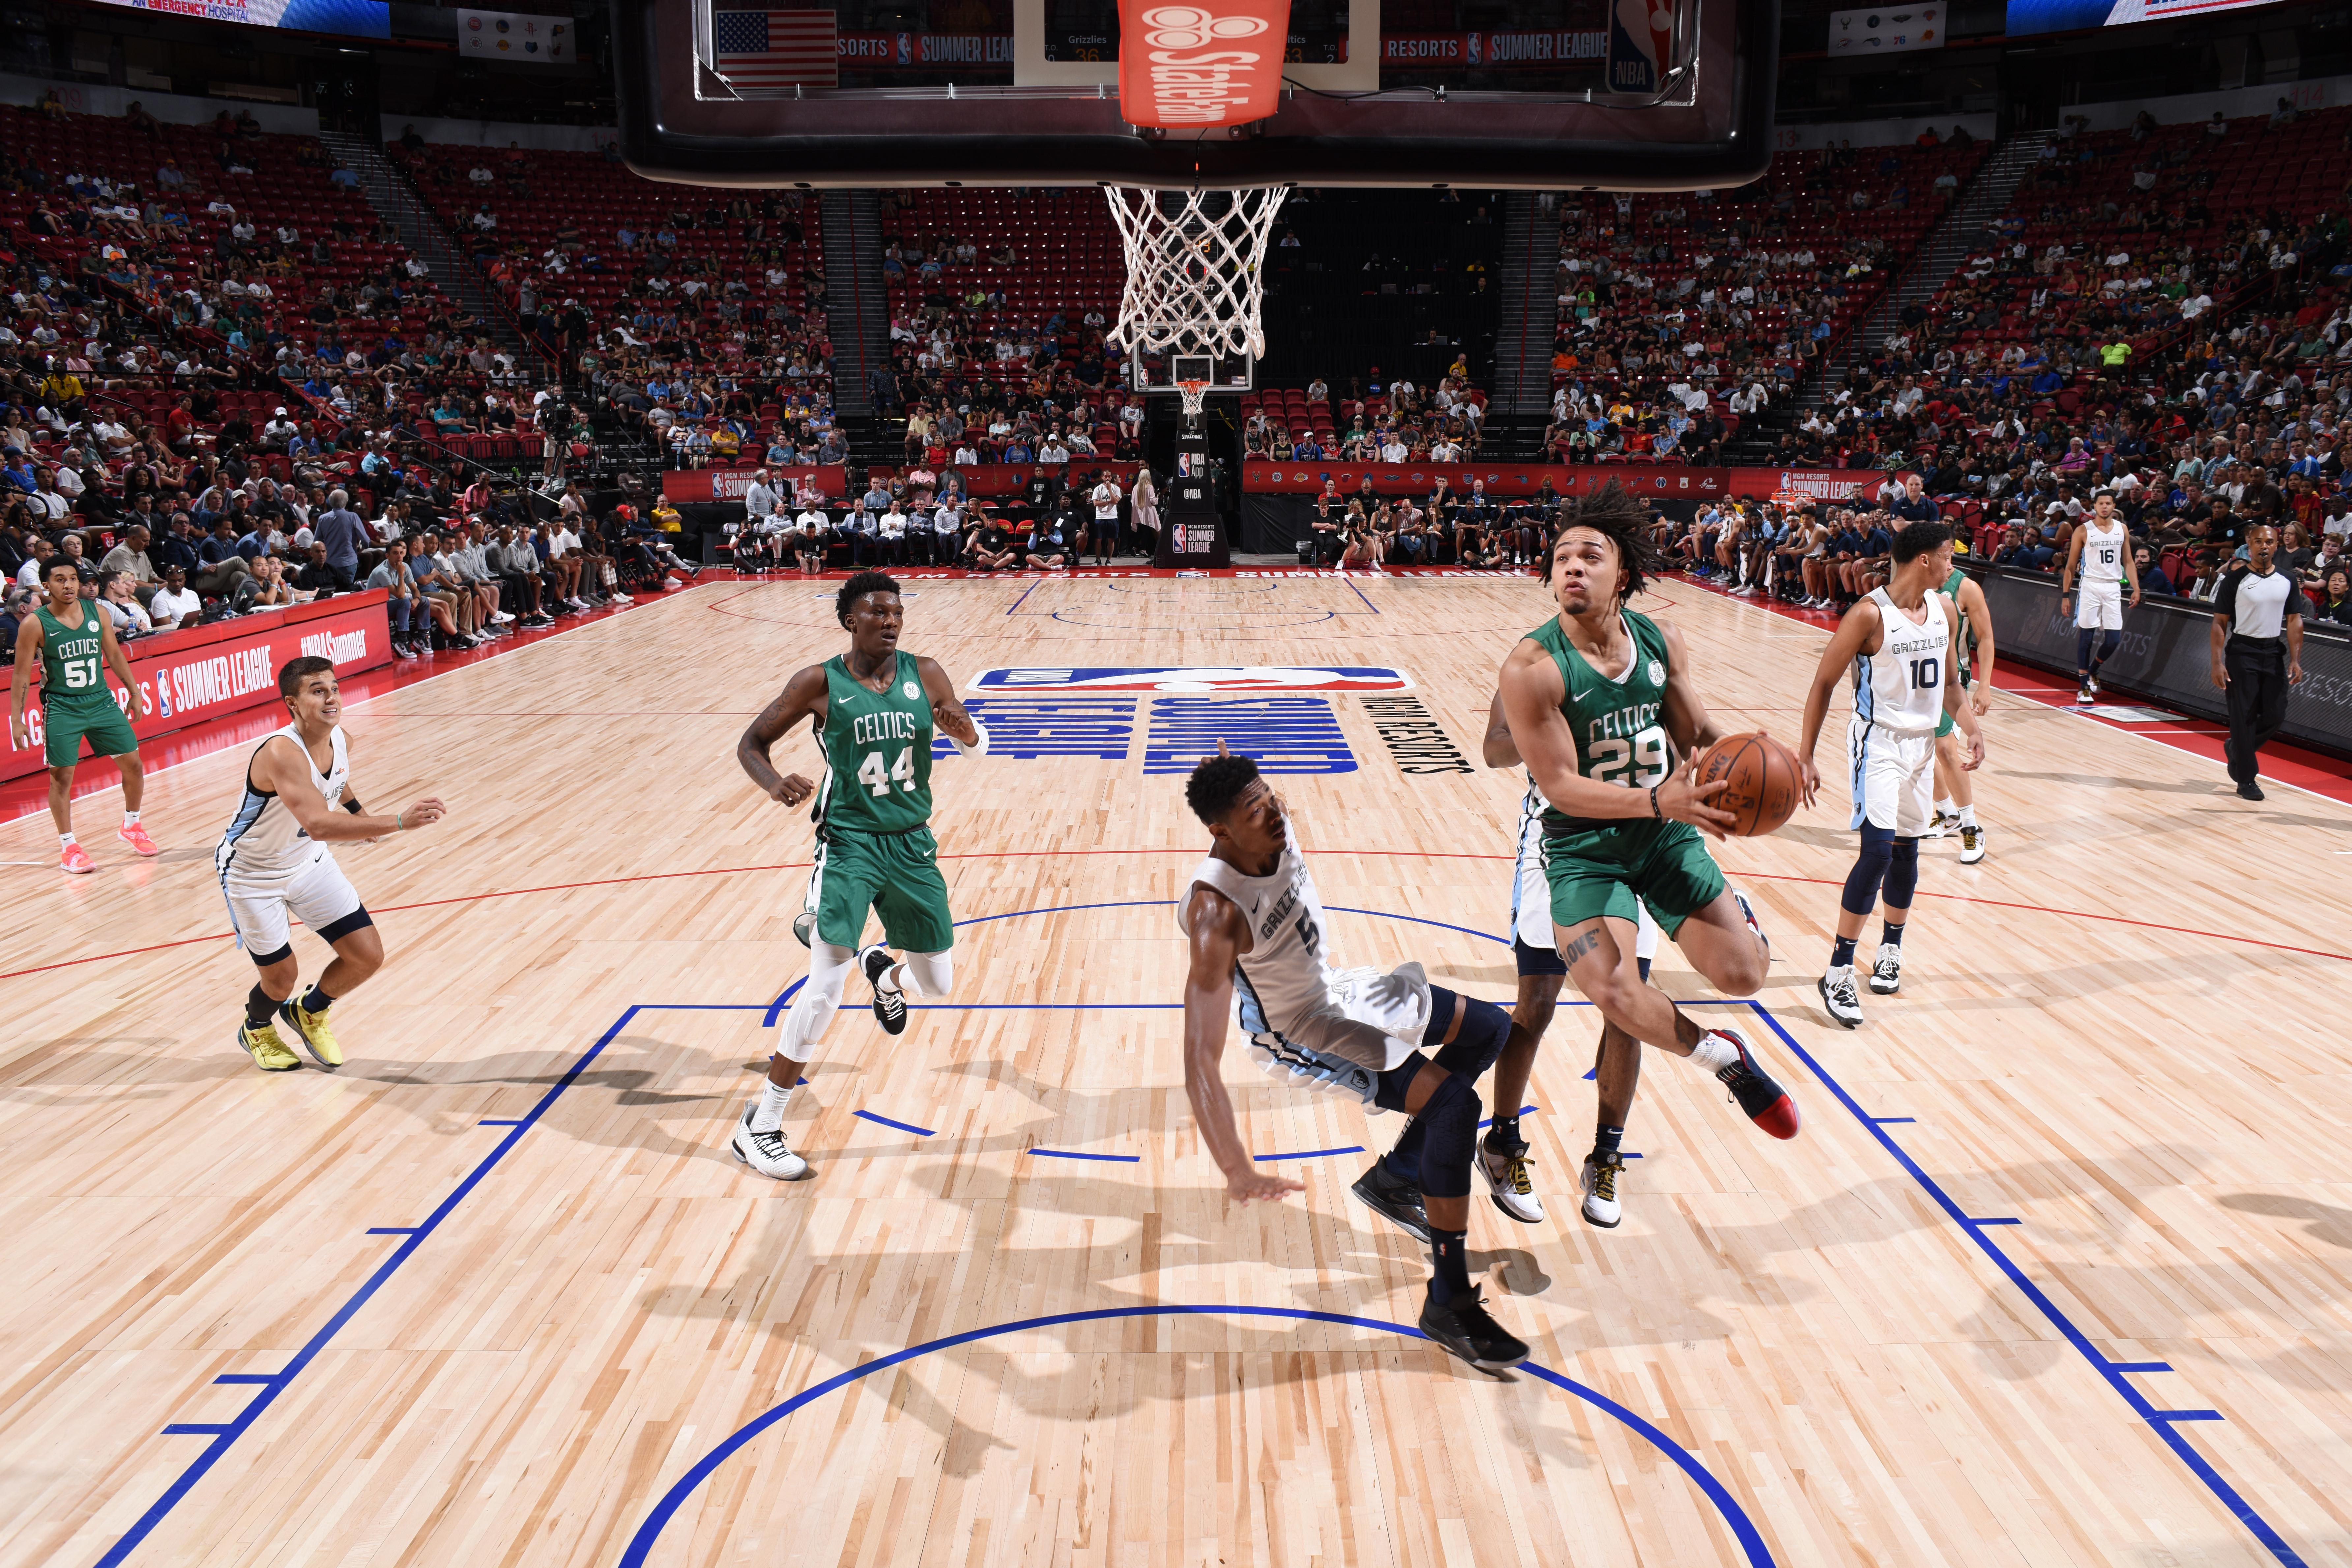 2019 Las Vegas Summer League - Boston Celtics v Memphis Grizzlies